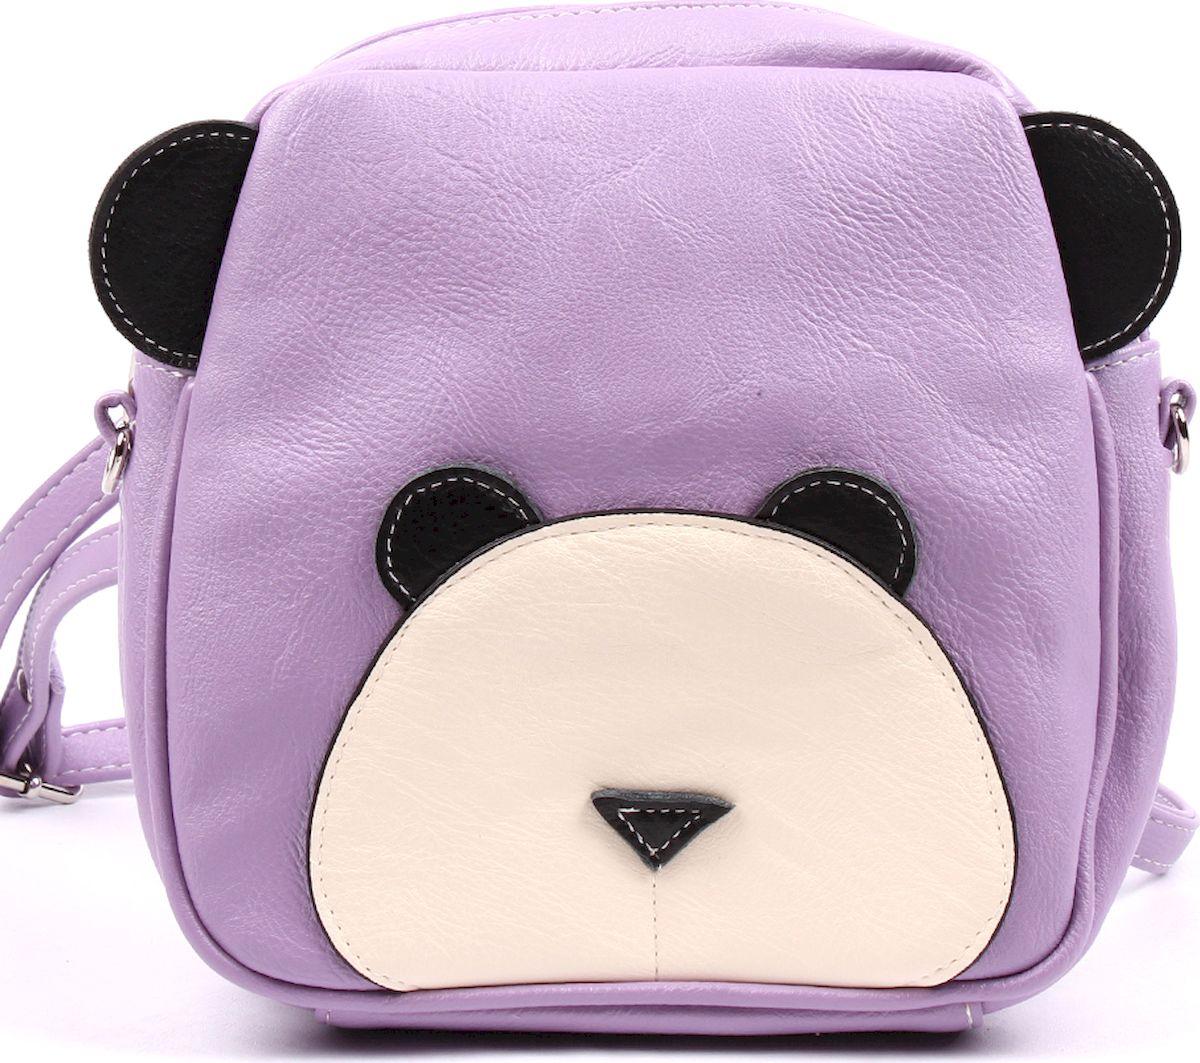 Фото - Рюкзак женский Медведково, цвет: сиреневый. 17с3738-к14 рюкзак женский медведково цвет темно синий 17с4022 к14